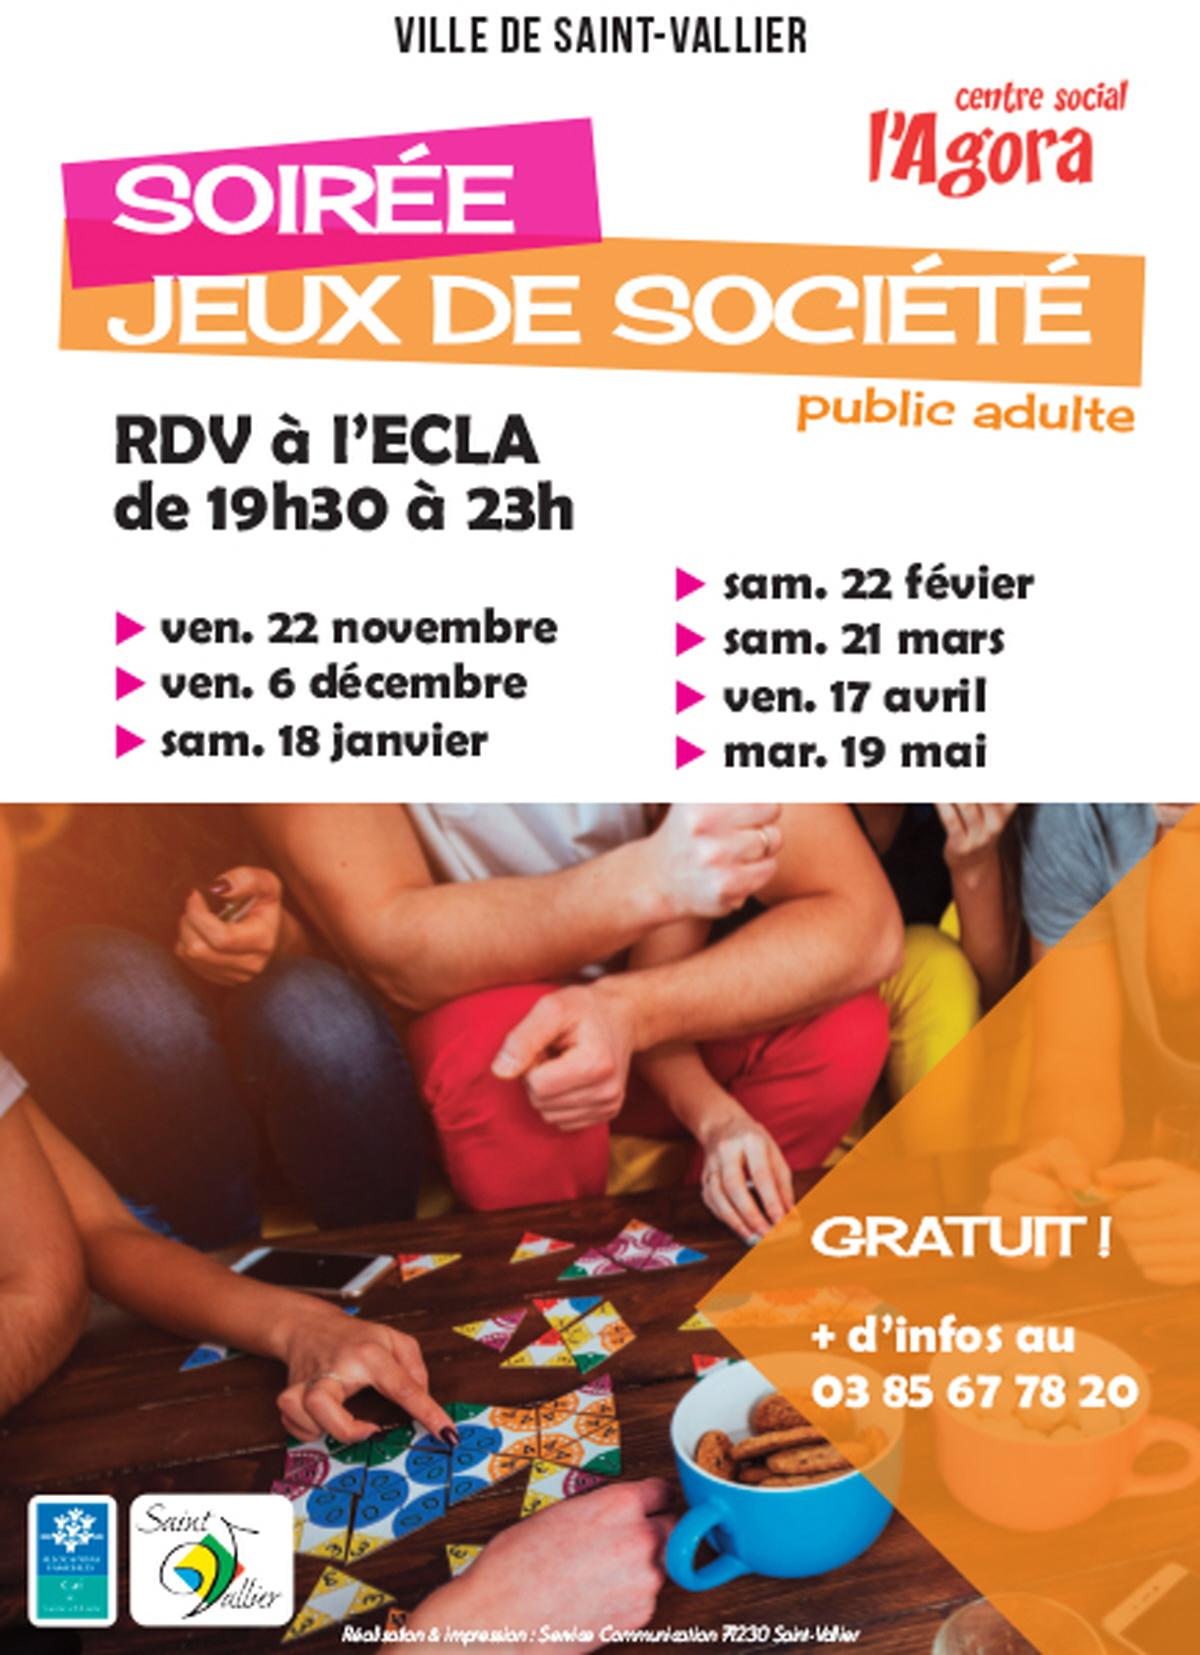 Soiree Jeux De Societe : Rencontre, Conference A Saint Vallier serapportantà Jeux Societe Gratuit